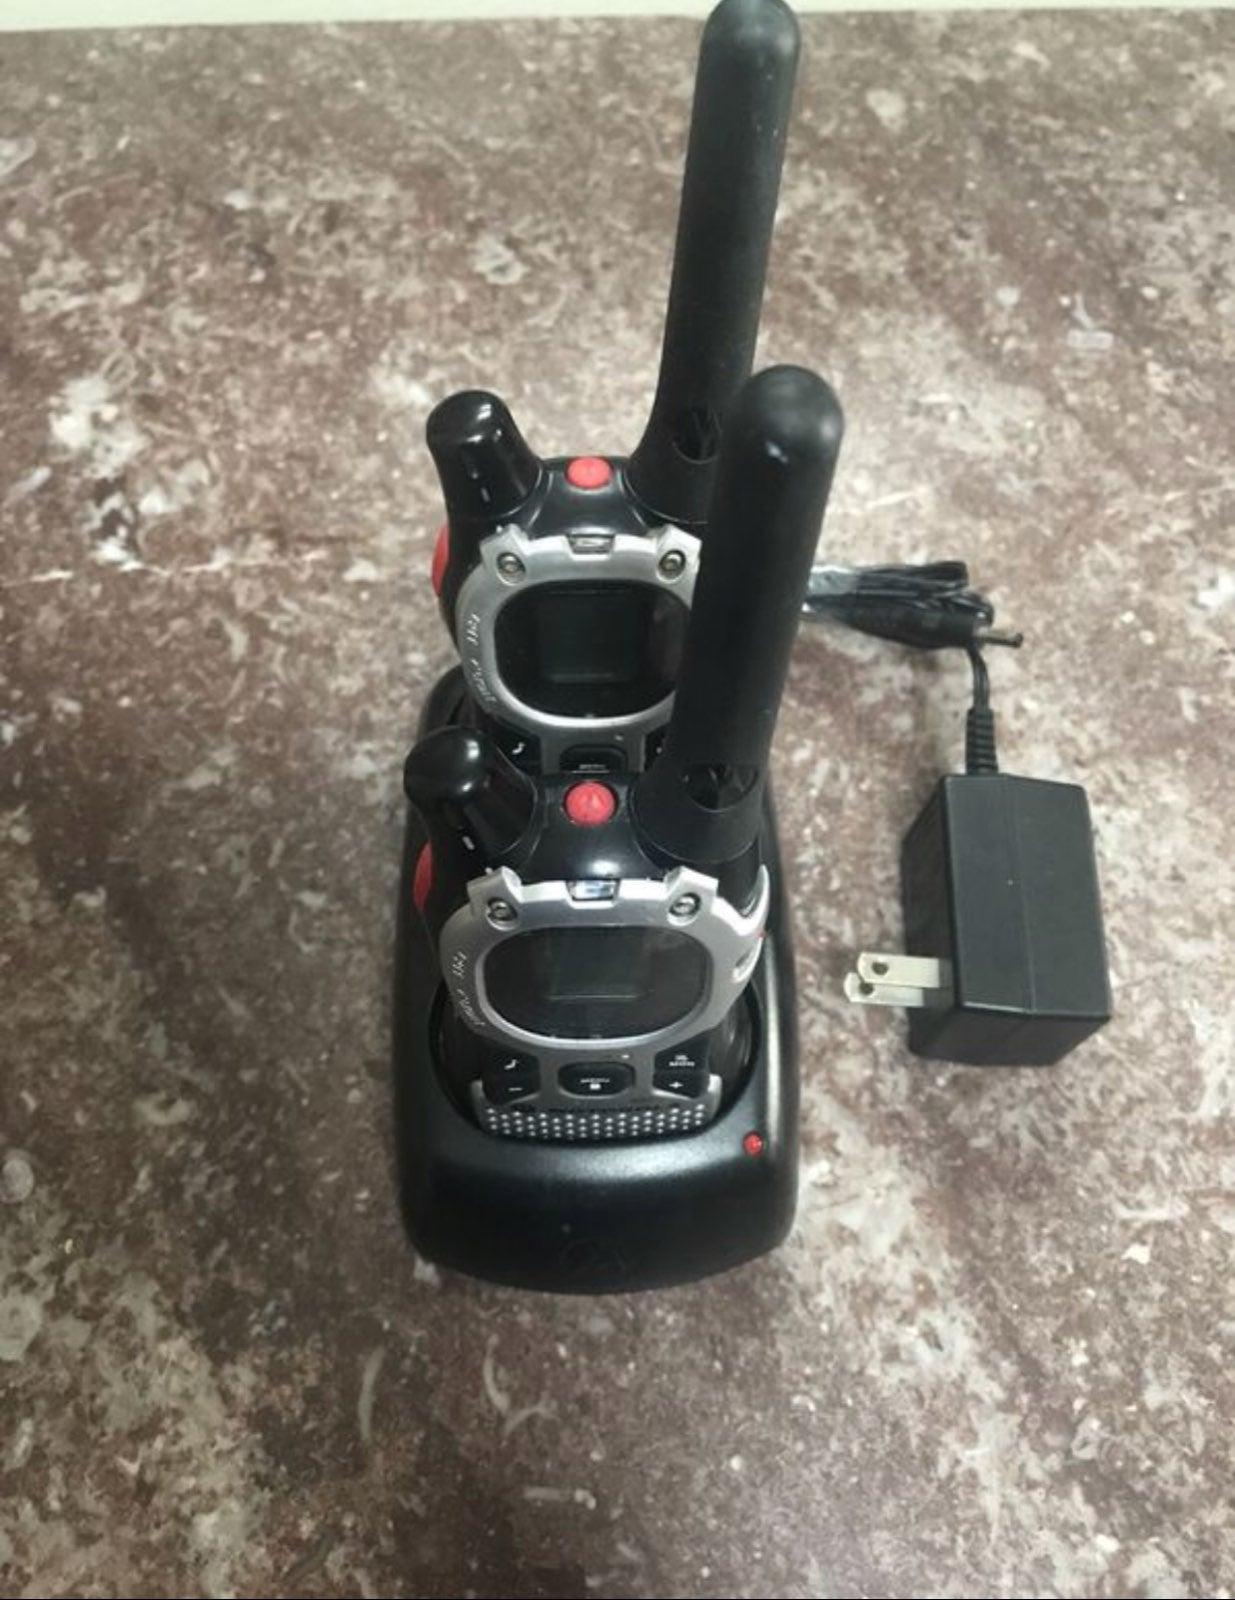 Motorola TalkAbout MJ270R Walkie Talkies